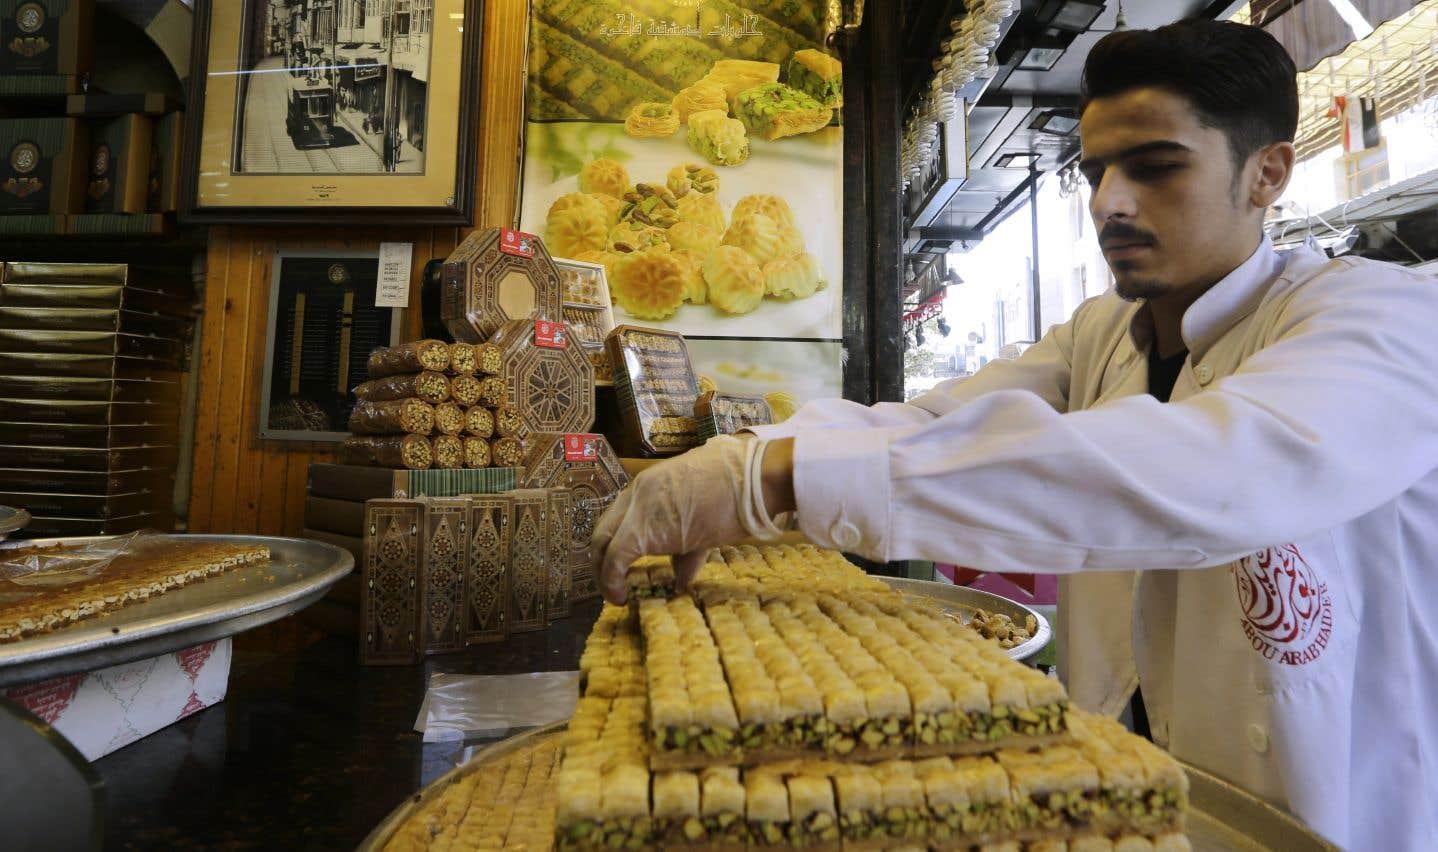 En Syrie, les pâtissiers recommencent à exporter